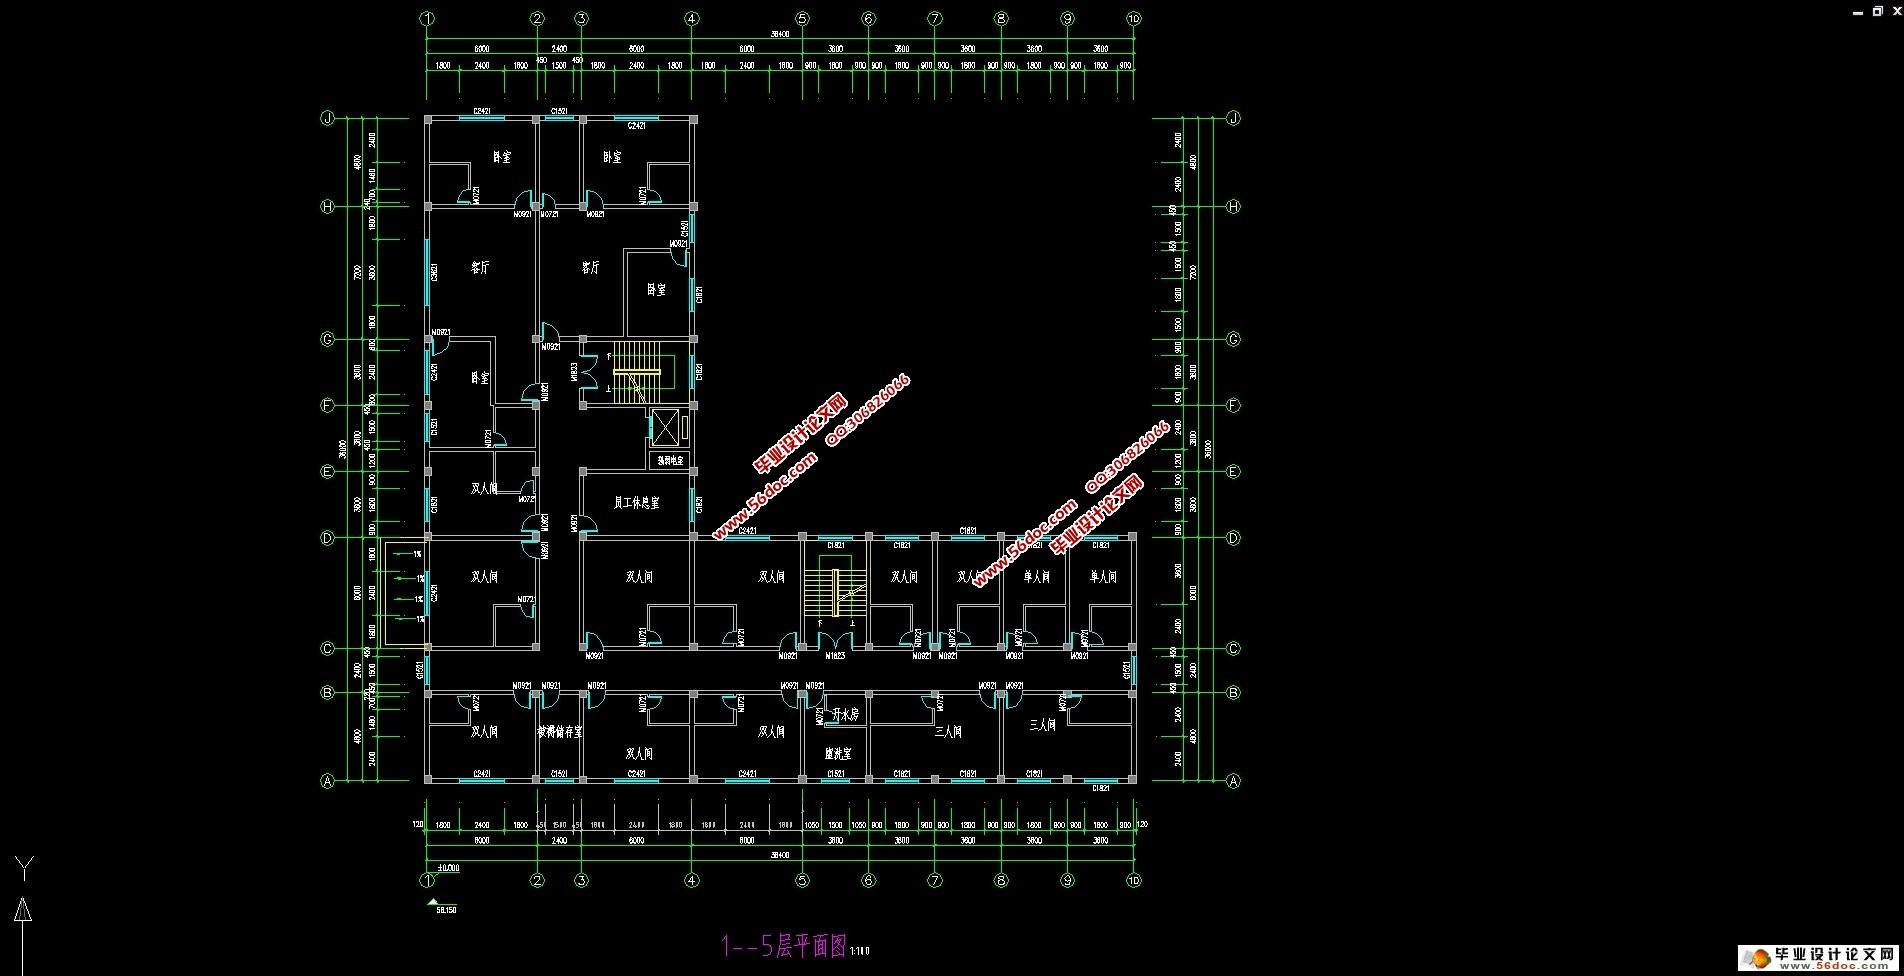 六层5000平米鑫美商务宾馆设计(建筑图,结构图,总平面图)(开题报告,手算计算书9200字,建筑图结构图24张) 本工程为鑫美商务宾馆,,总建筑面积约5011m2,主体六层,住宿五层;采用钢筋混凝土框架结构:柱下独立基础;结构重要性等级为二级,使用年限为50年;抗震设防烈度为六度;本工程防火设计等级为三级;屋面防水防水等级设二级。 2 建筑设计 2.